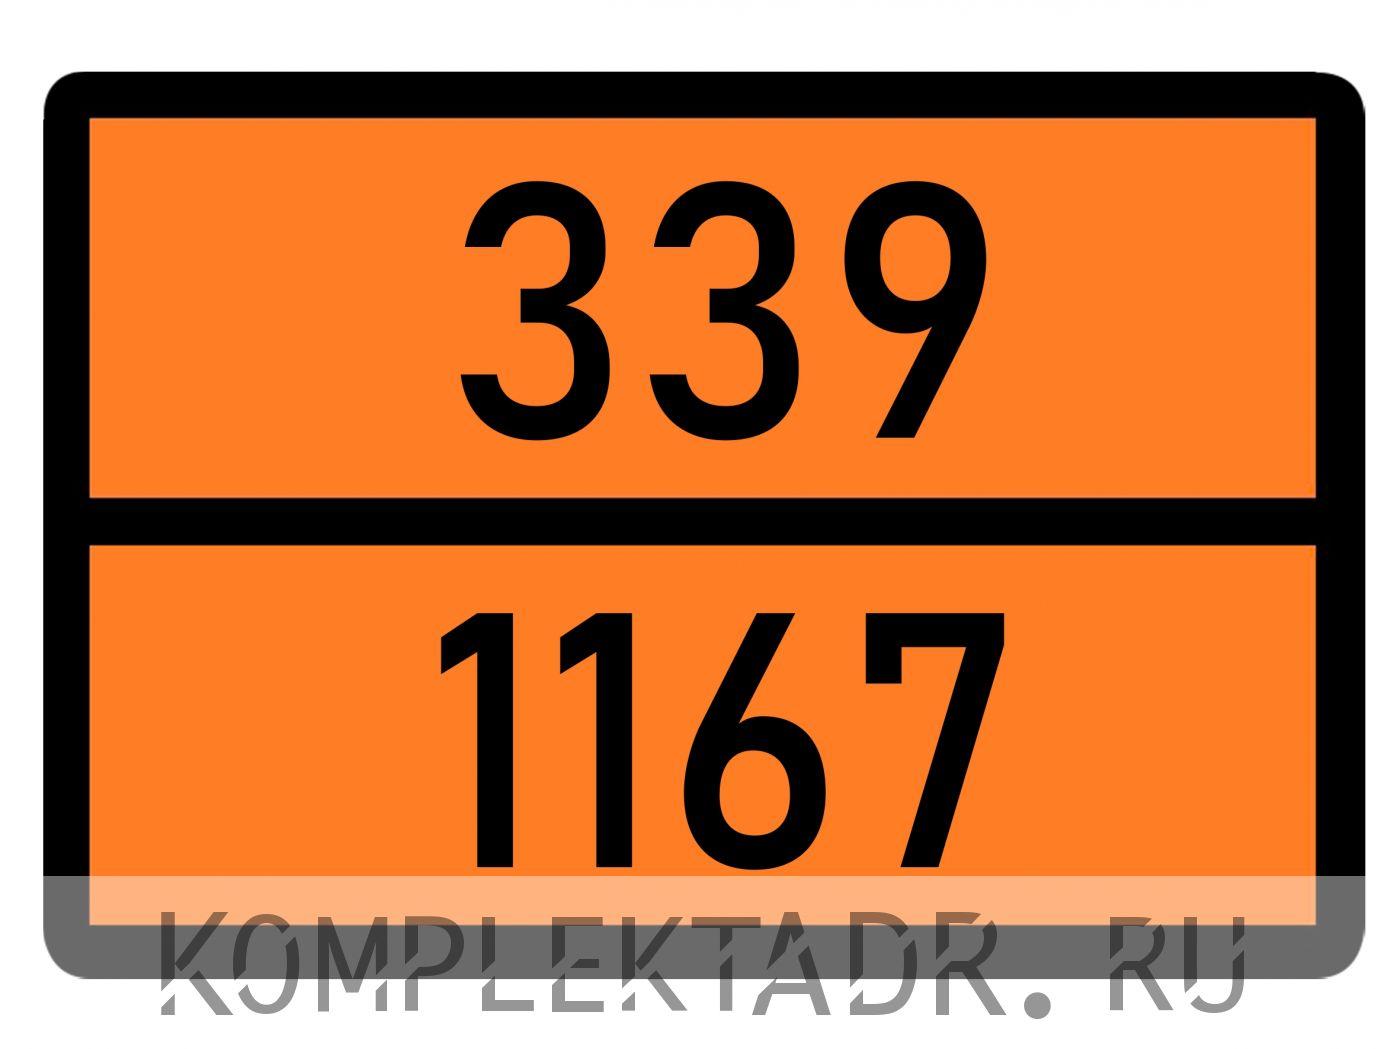 Табличка 339-1167